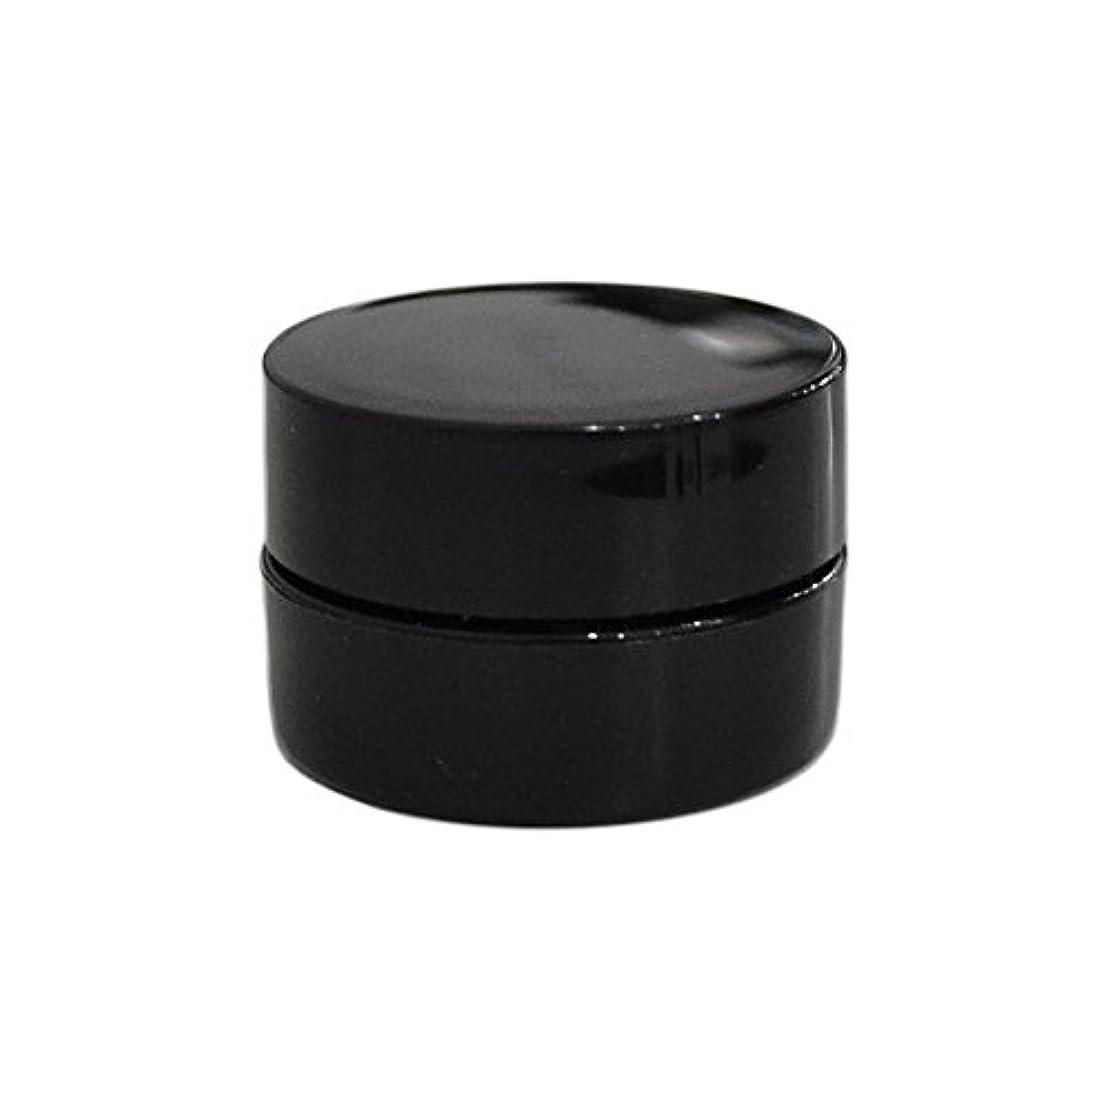 定数旅ホイスト10個セット/純国産ネイルジェルコンテナ 3g用 GA3g 漏れ防止パッキン&ブラシプレート付容器 ジェルを無駄なく使える底面傾斜あり 遮光 黒 ブラック